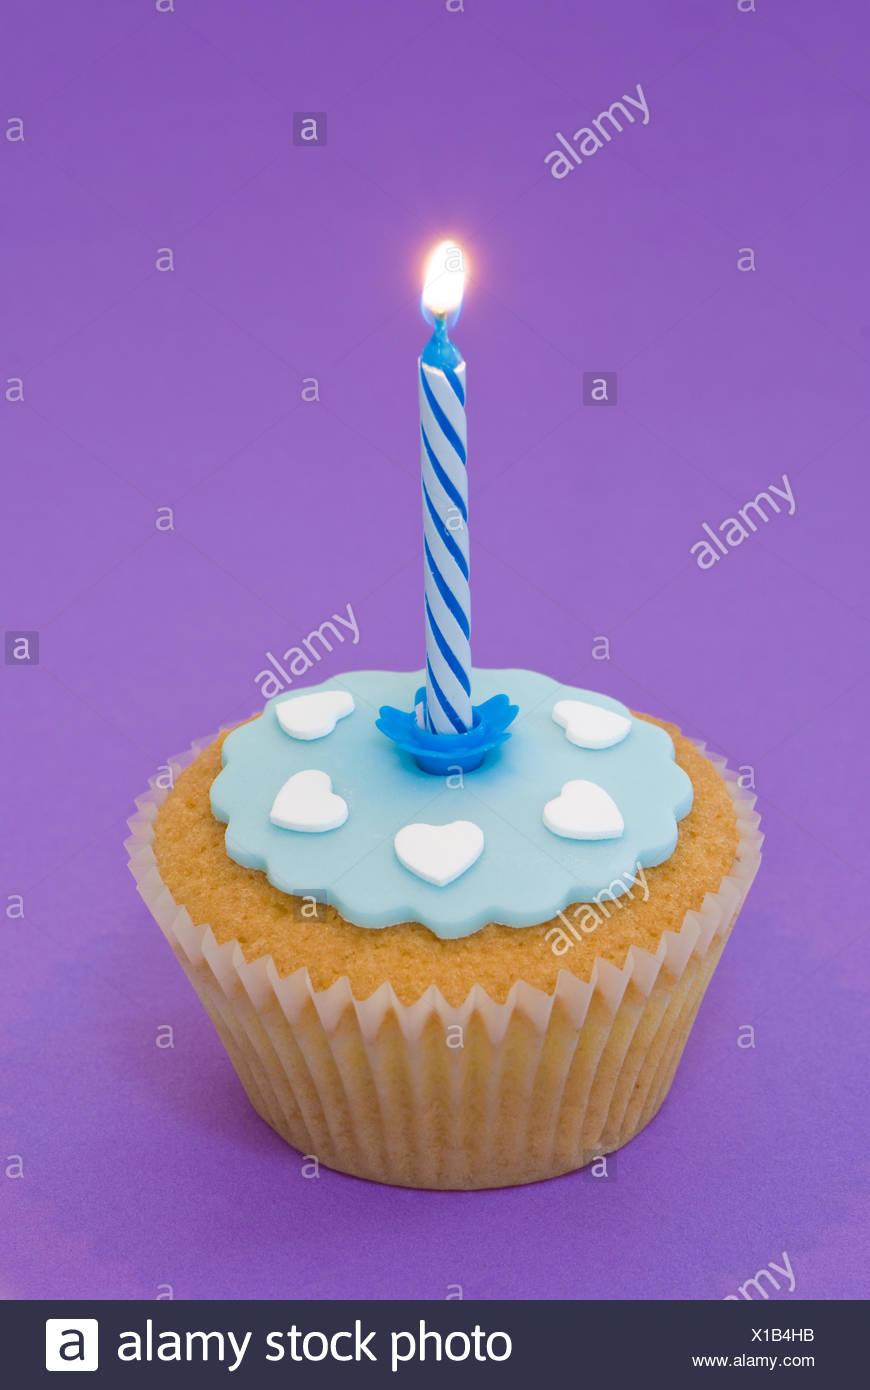 Kerze Kuchen Kuchen Geburtstag Tasse Blau Essen Nahrungsmittel Suss